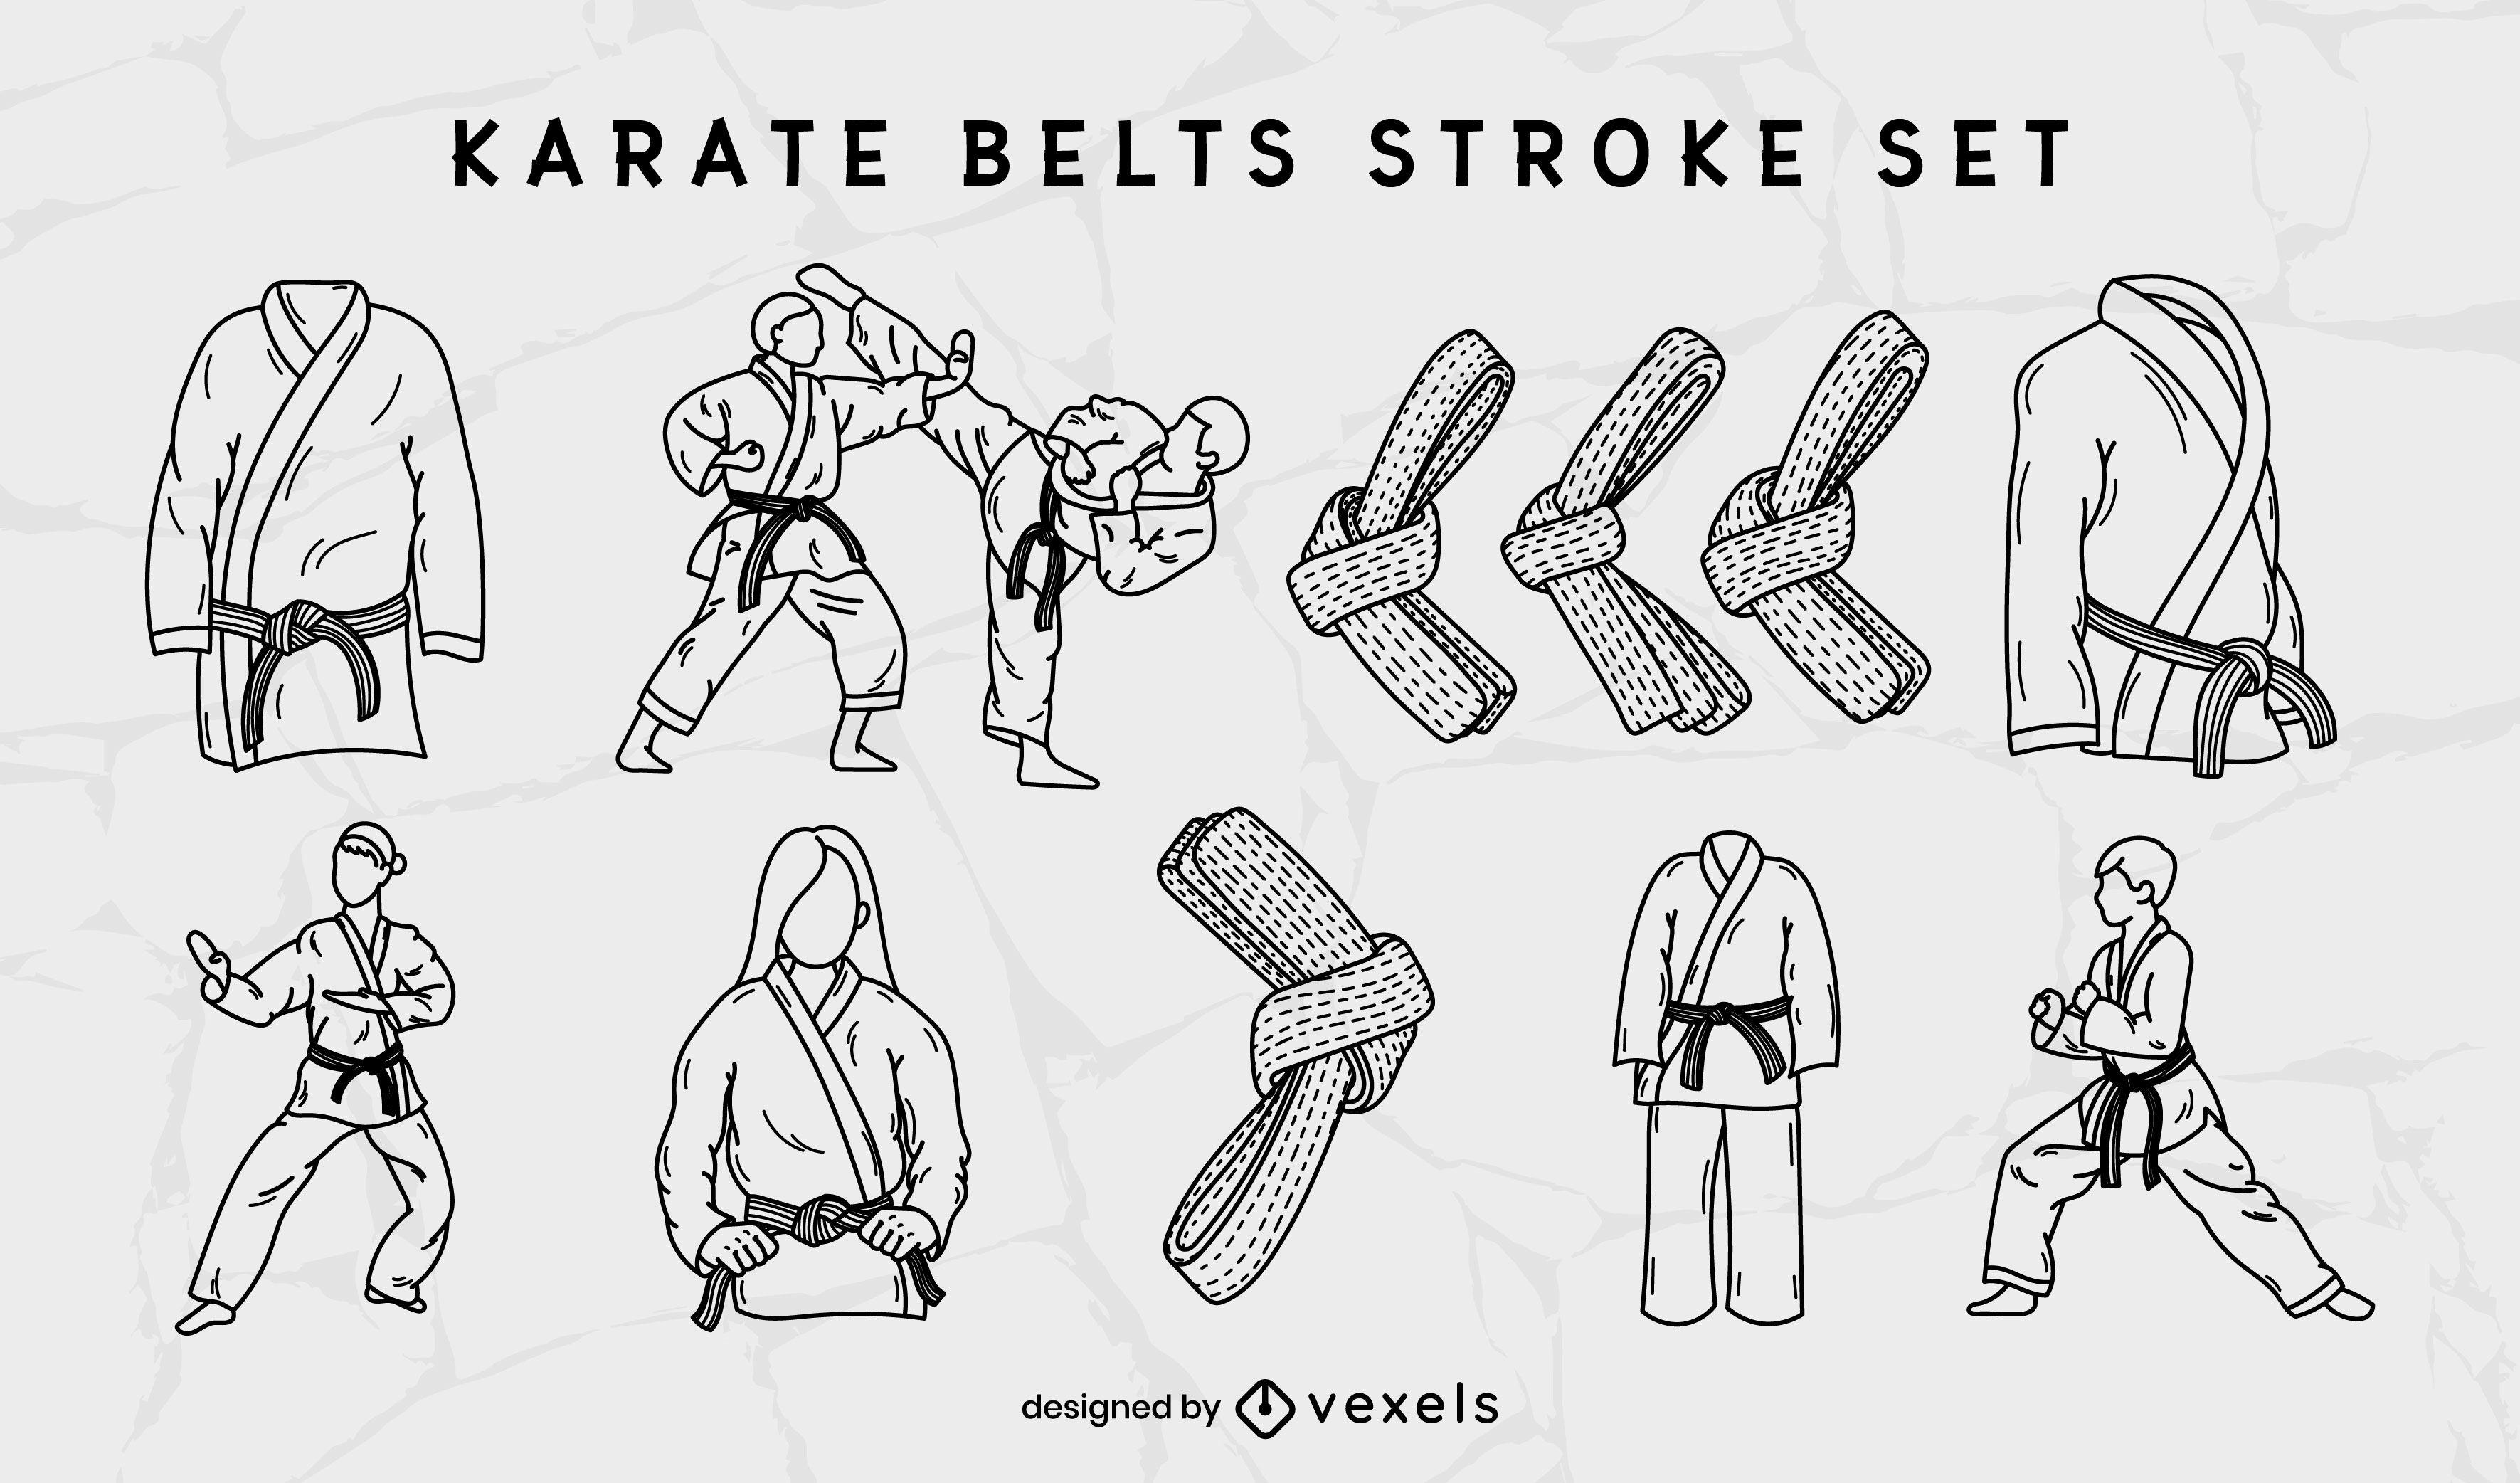 Karate martial arts belts stroke set